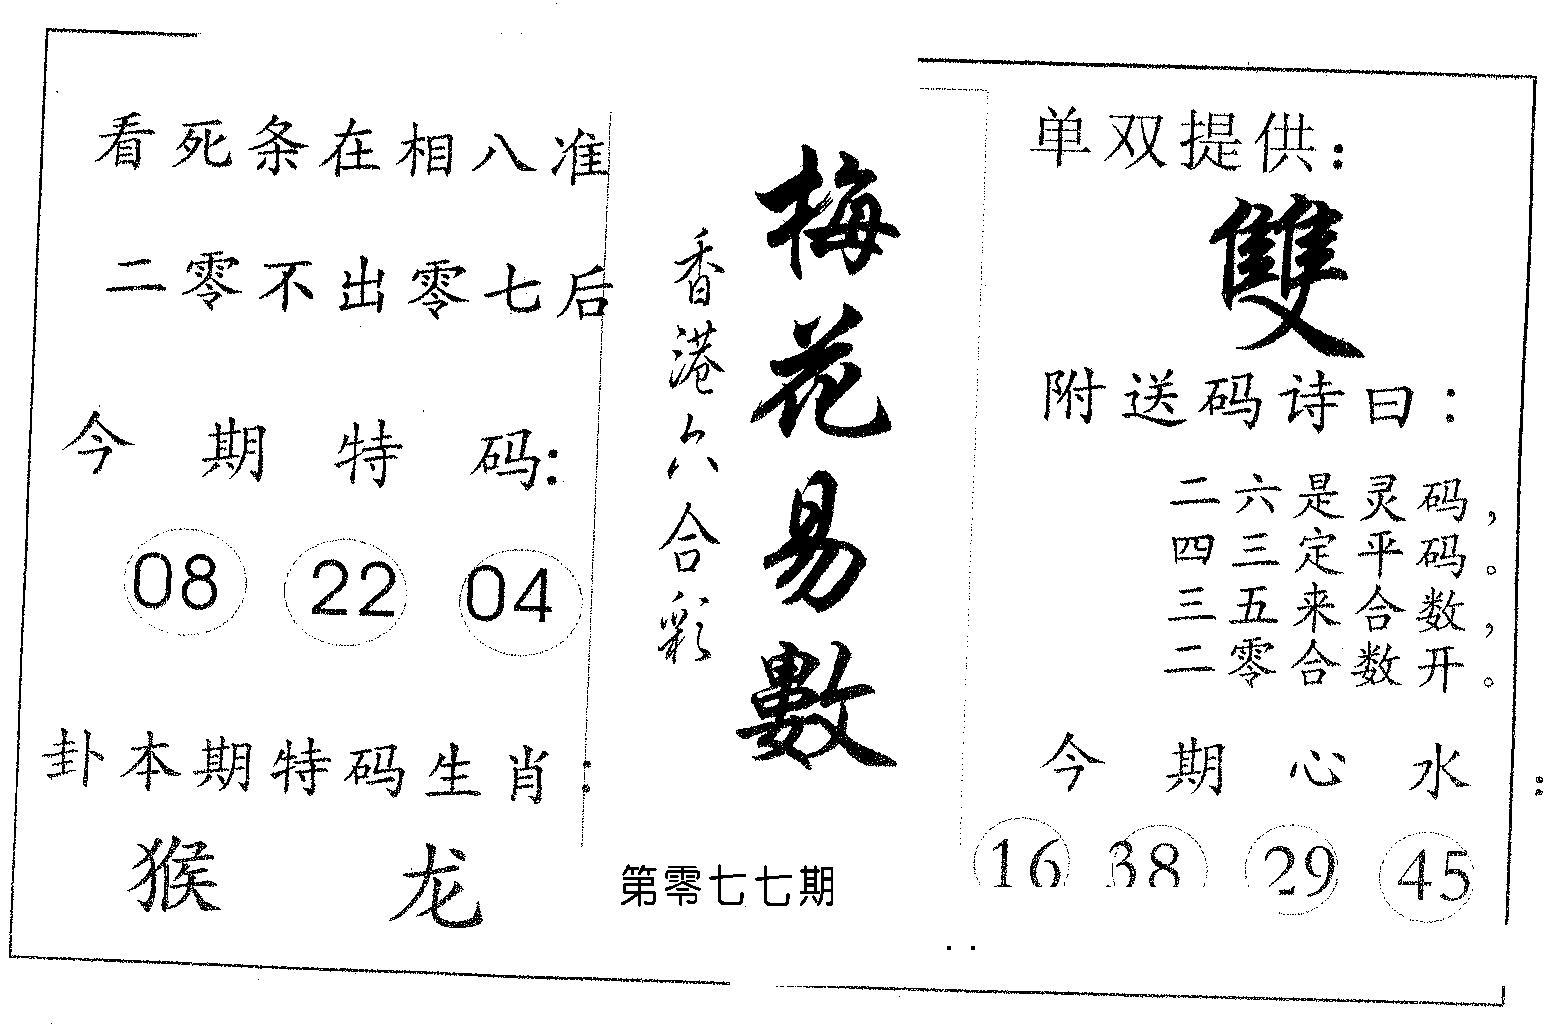 077期梅花易数(黑白)